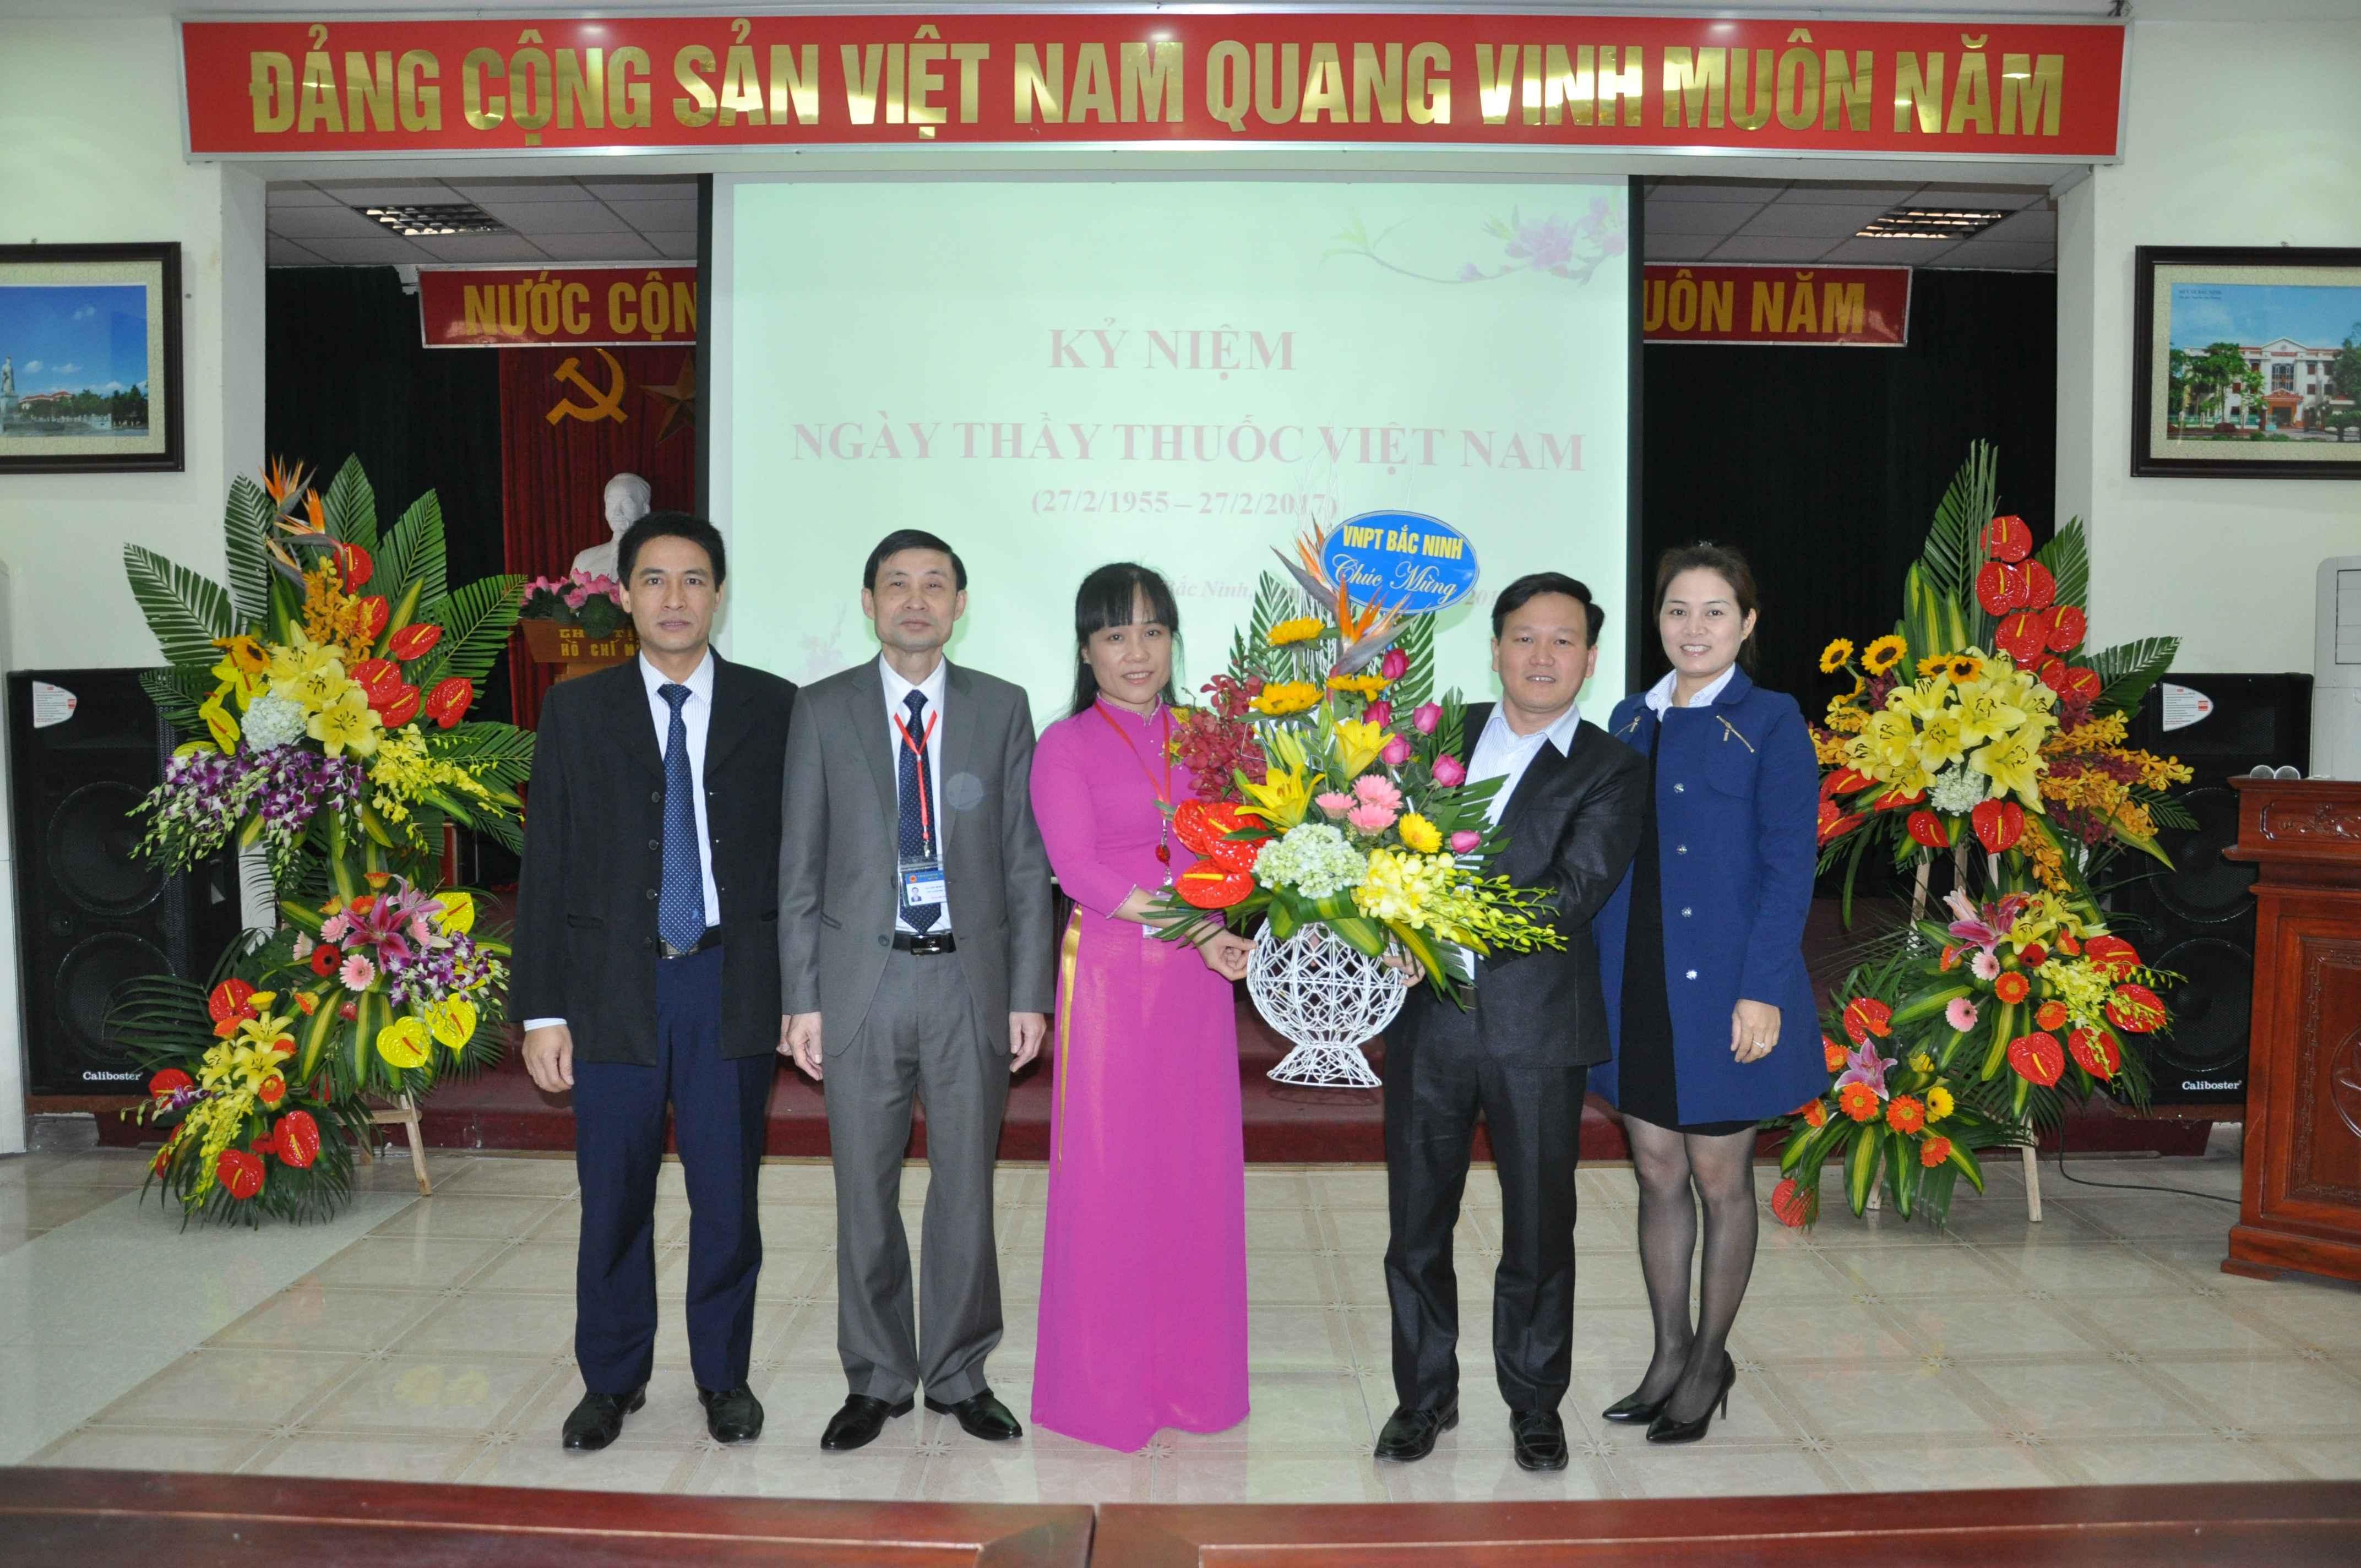 Ảnh kỷ niệm 62 năm ngày thầy thuốc Việt Nam (27-2-1955 - 27-2-2017)